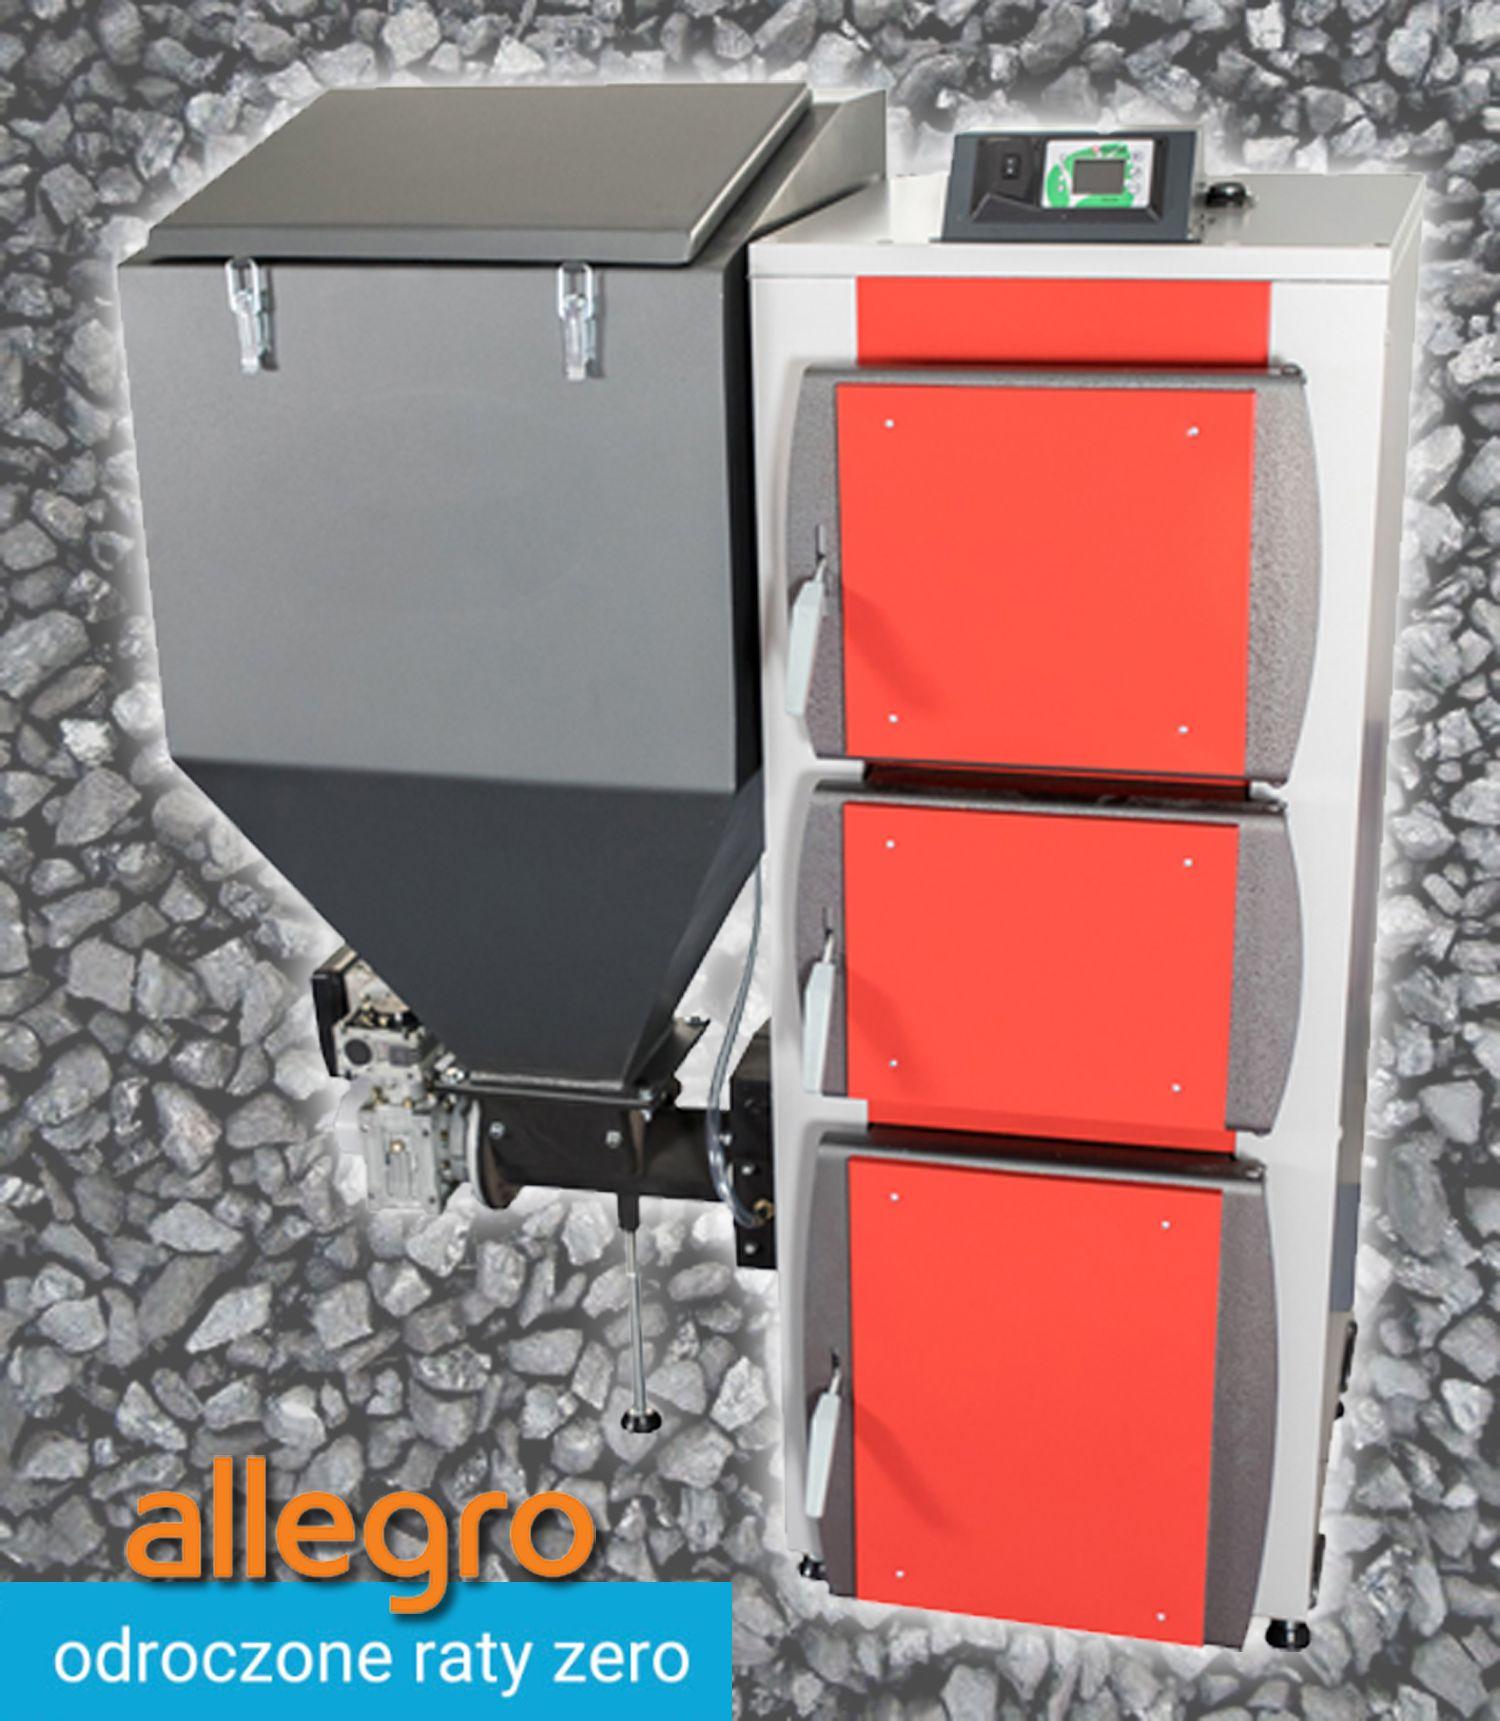 Kup Teraz Zacznij Splacac W Przyszlym Roku Wall Oven Double Wall Oven Kitchen Appliances